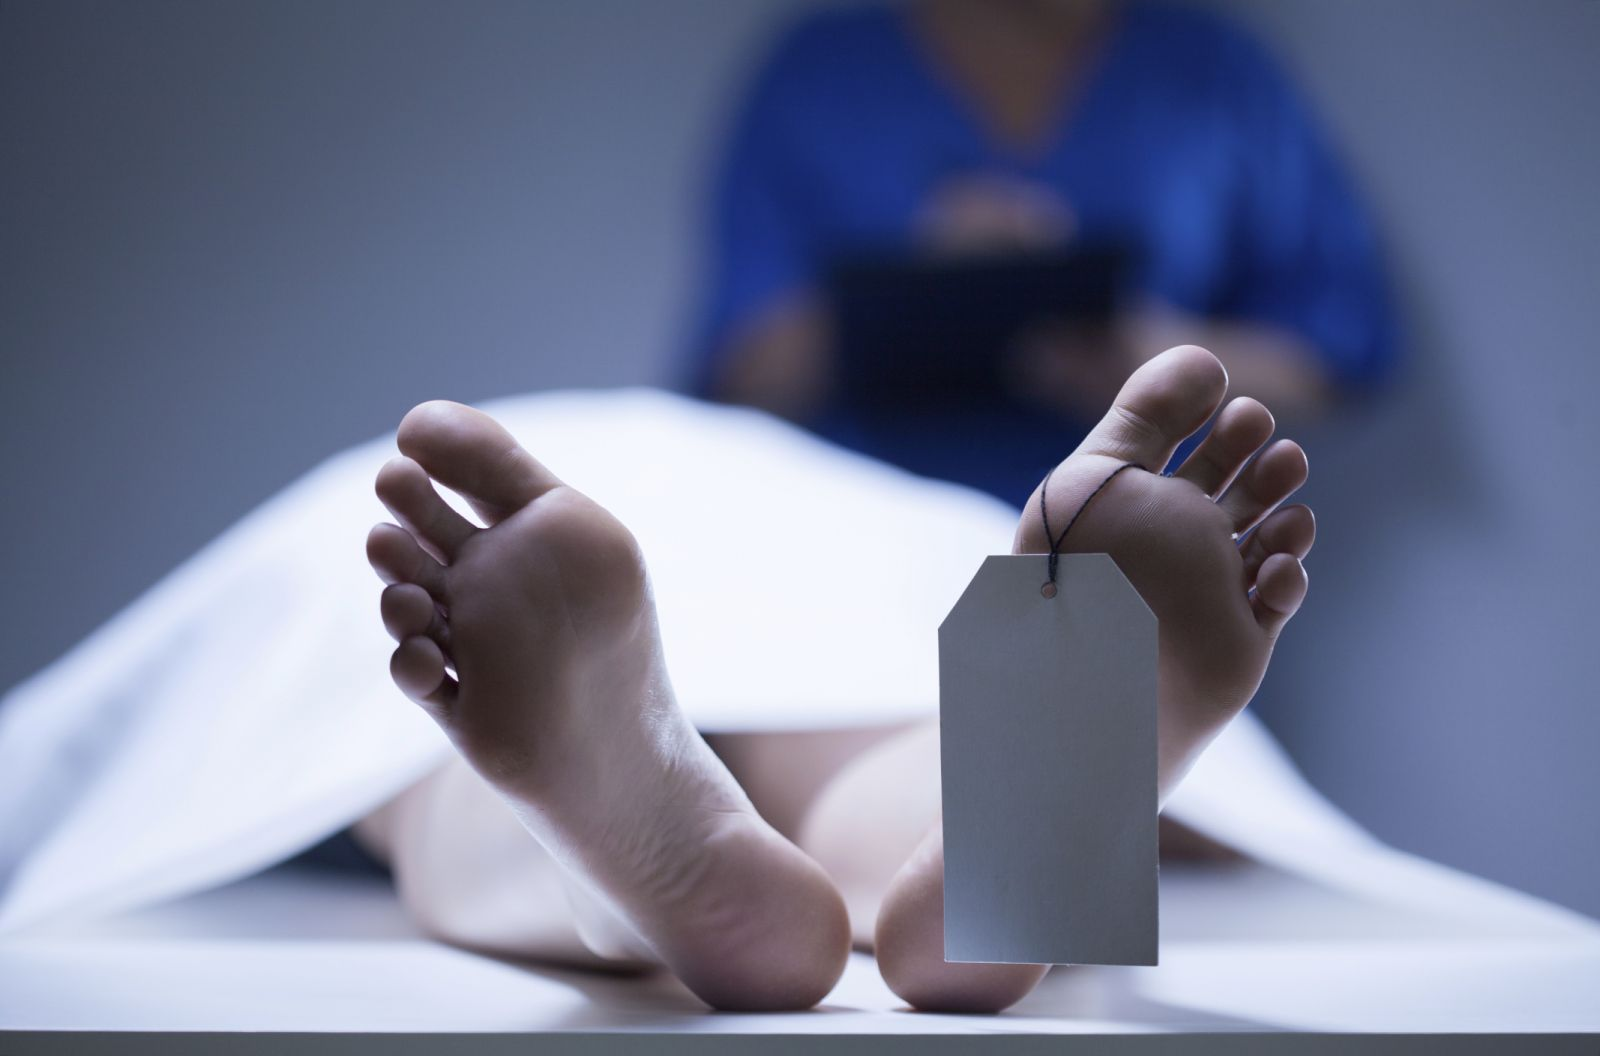 شخص إثر تعرضه لصاعقة كهربائية بالحسينية 2